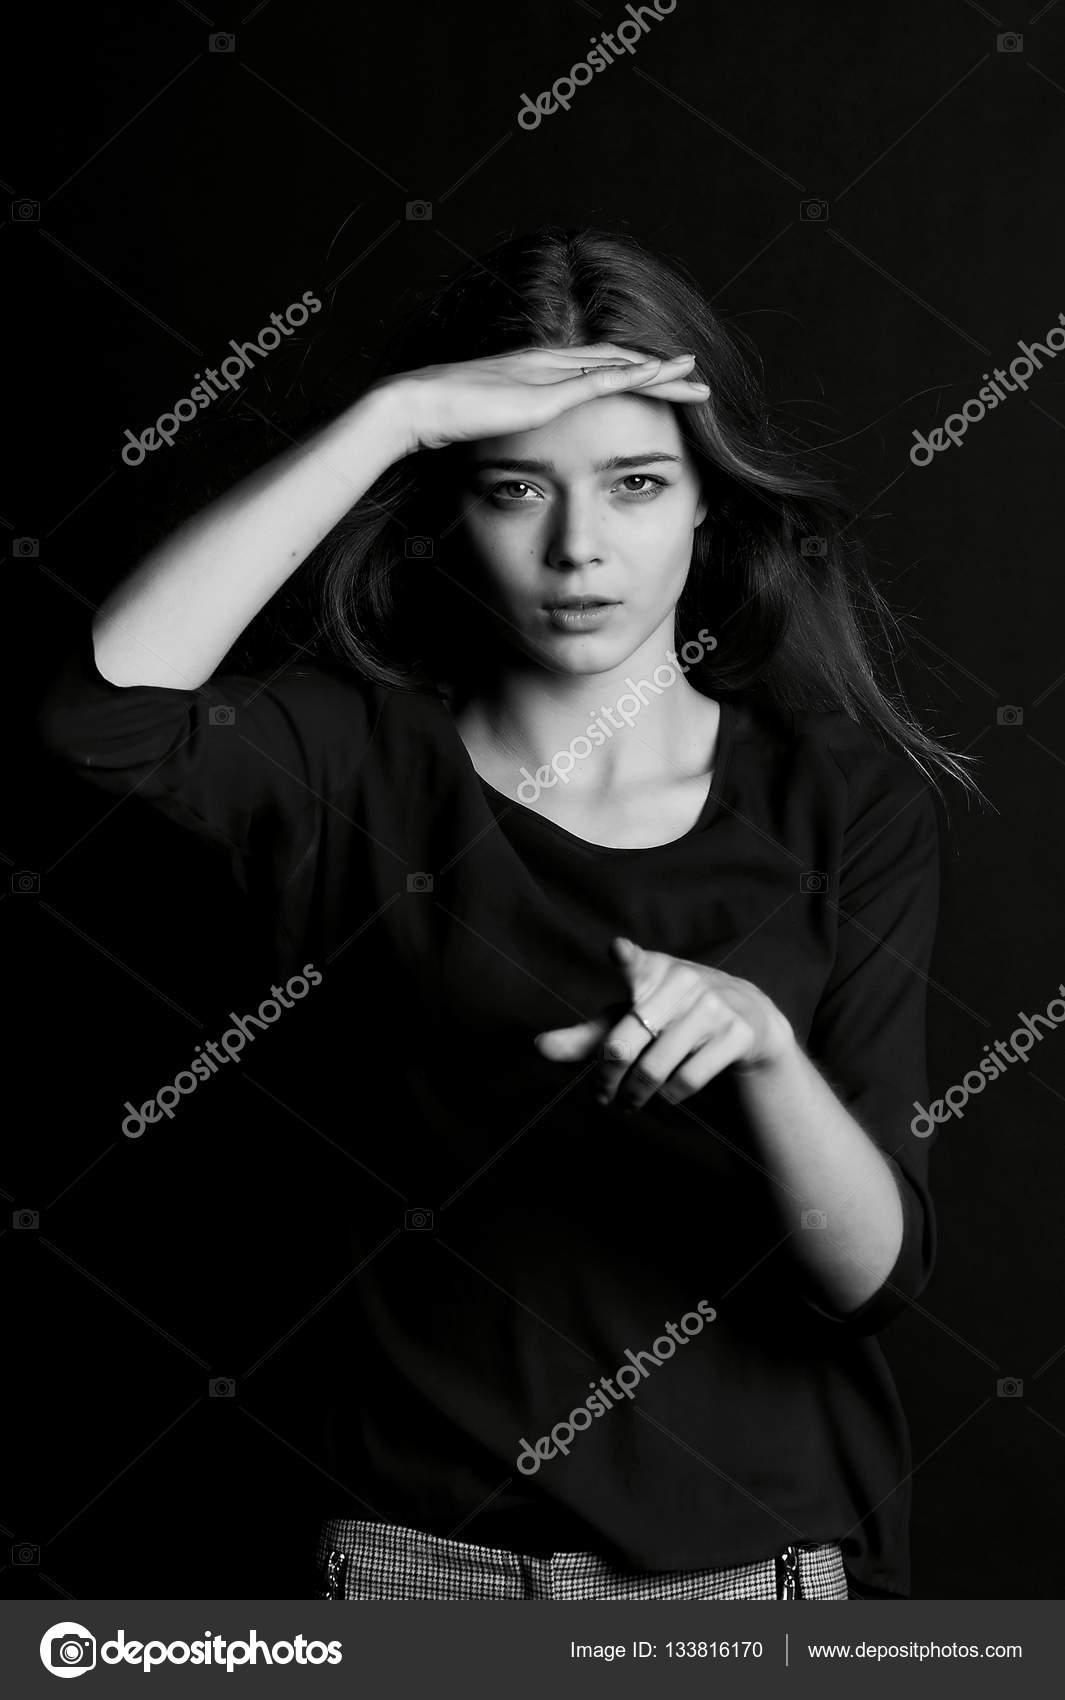 Junge Schöne Mädchen Mit Langen Haaren Geste Die Ich Sehe